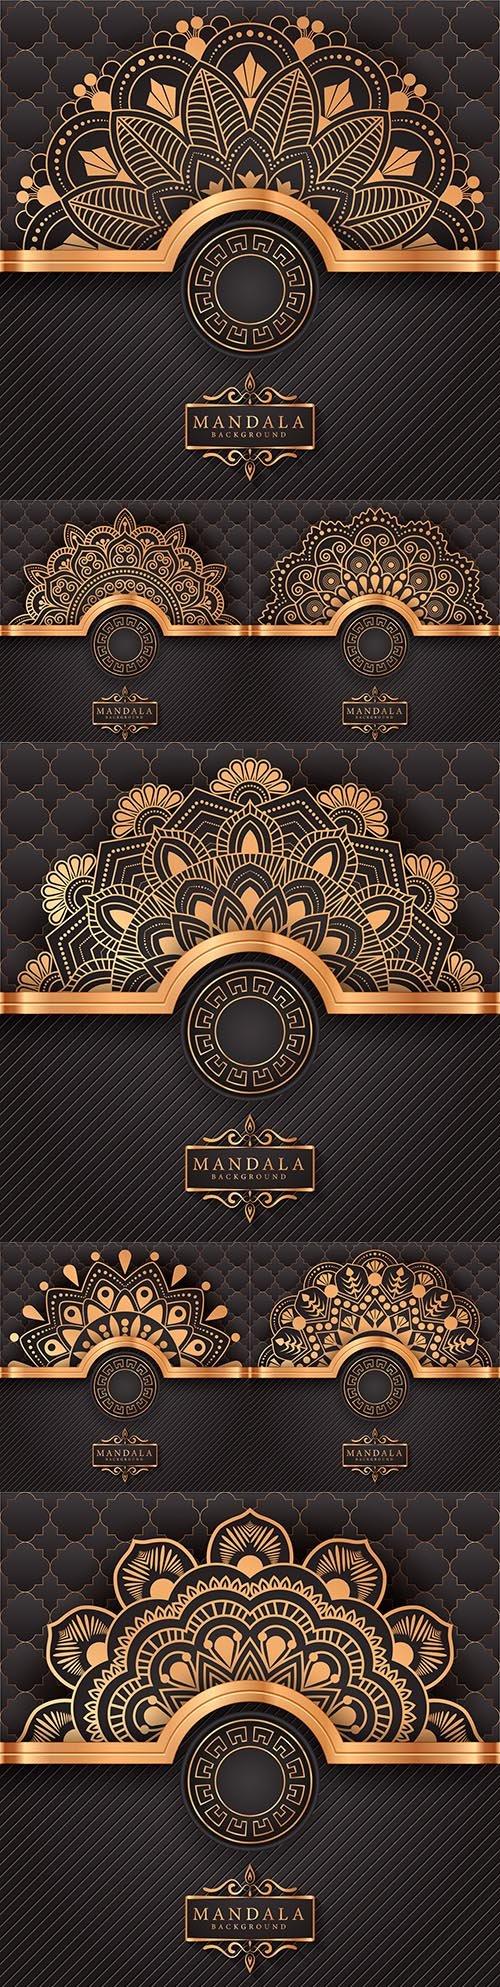 Mandala creative luxury gold design background 5